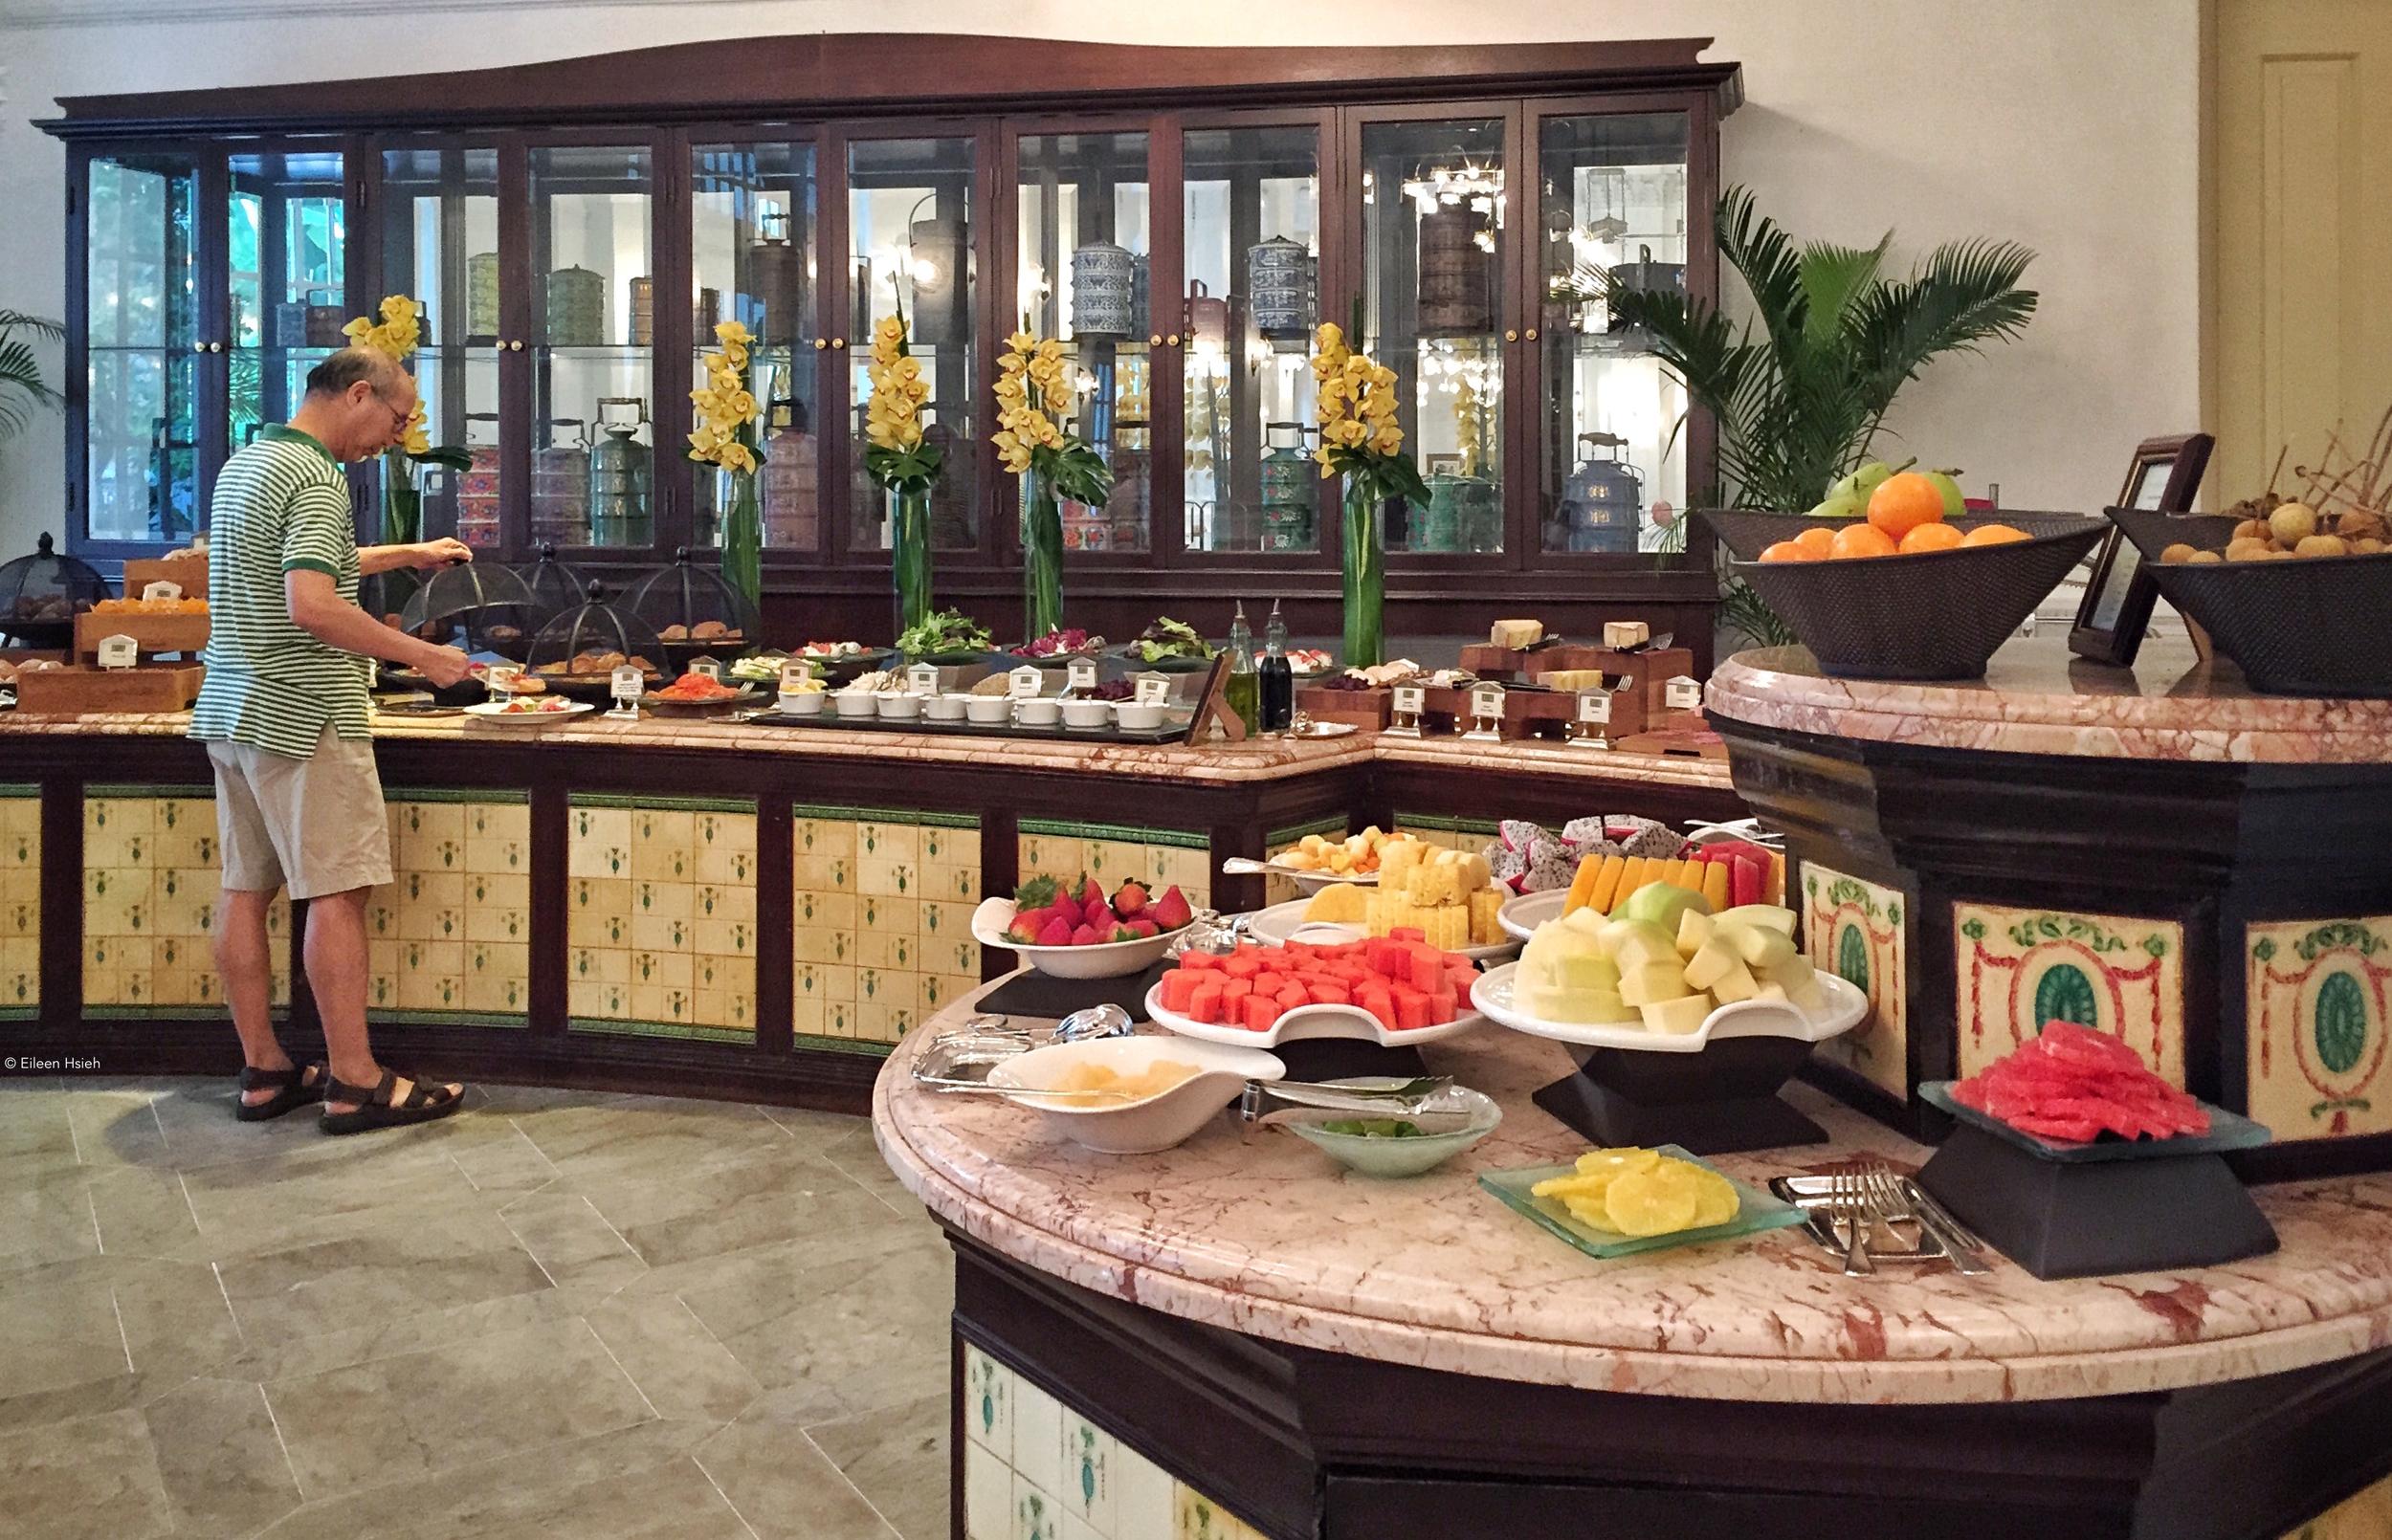 Breakfast buffet.© Eileen Hsieh